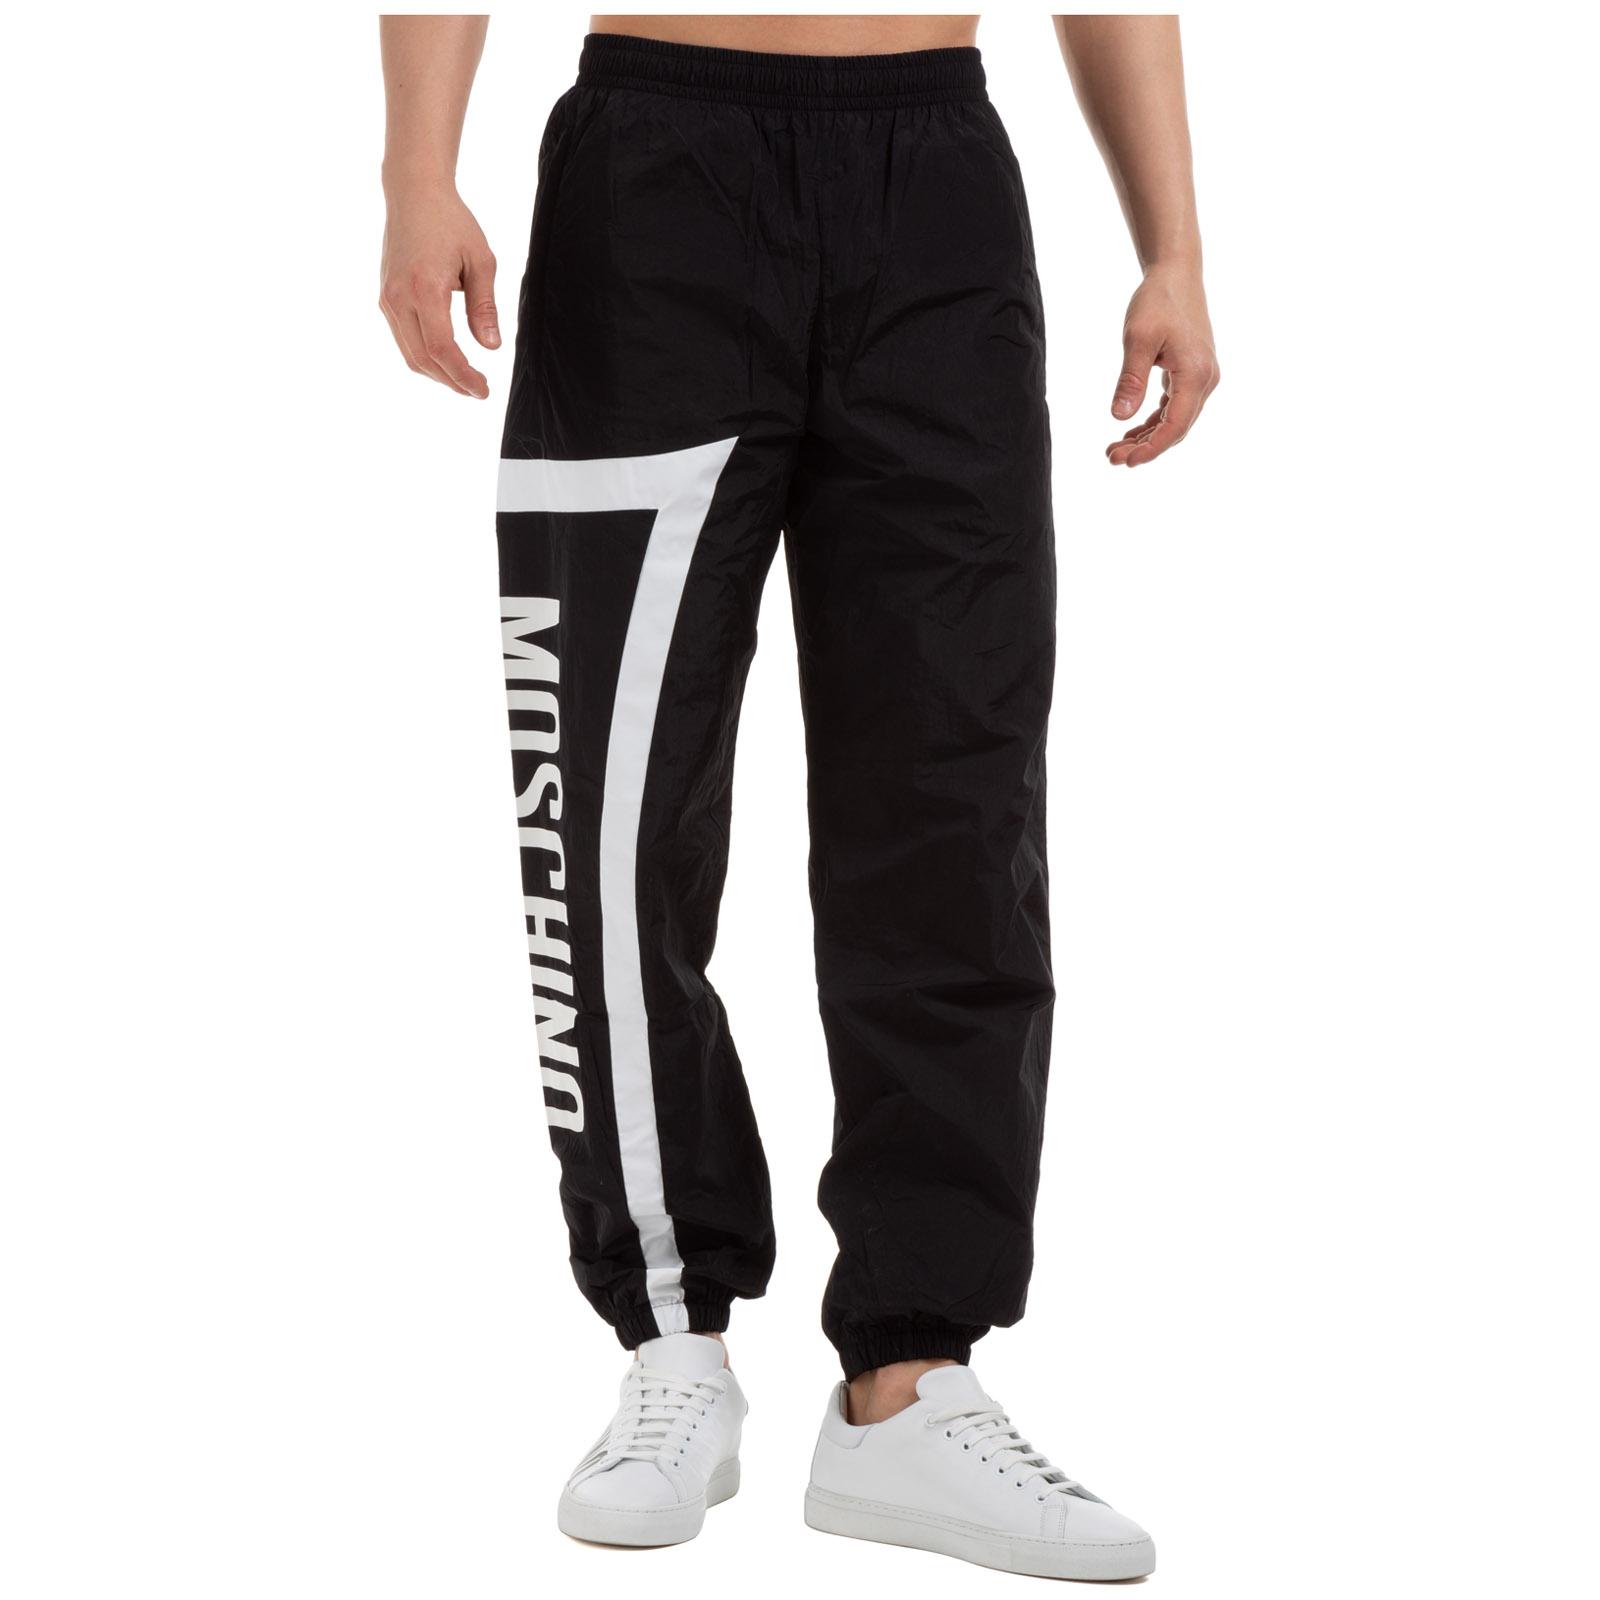 Pantalones Deportivos Moschino A034102213555 Nero Frmoda Com